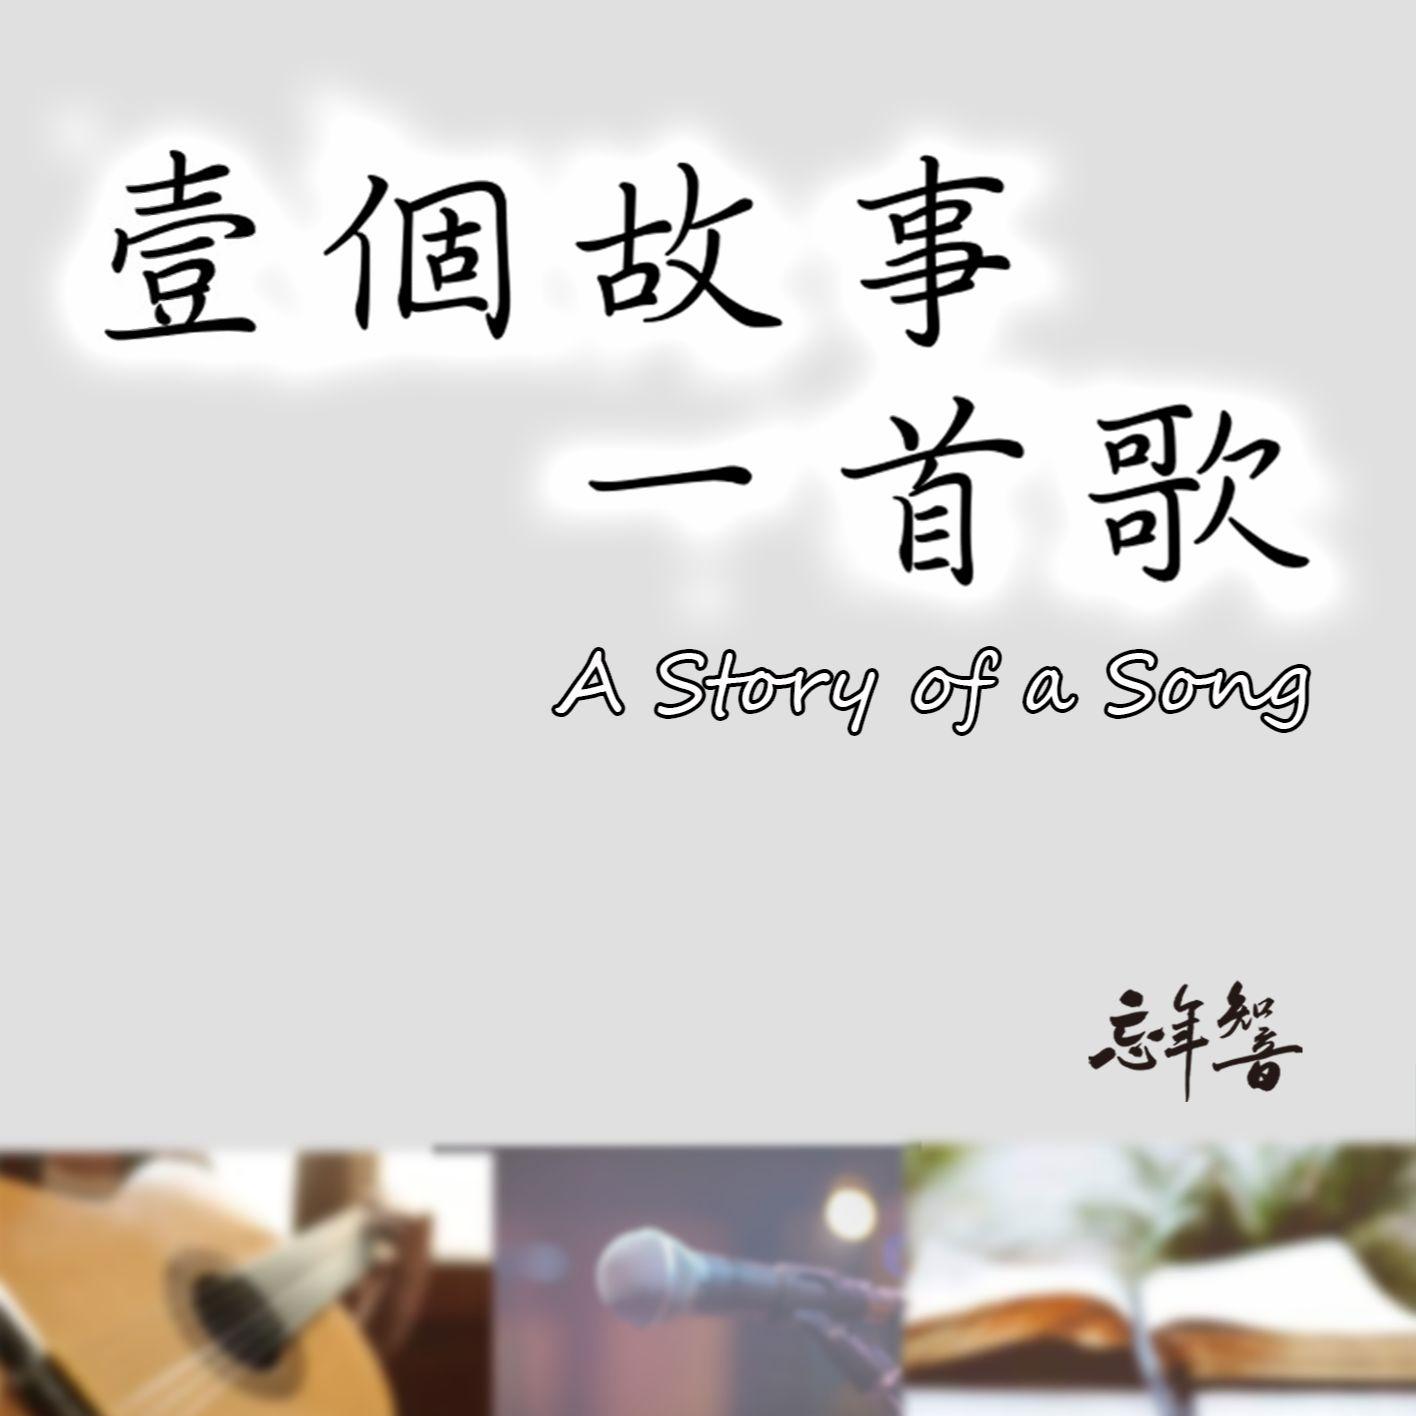 壹個故事一首歌(6) - 月琴